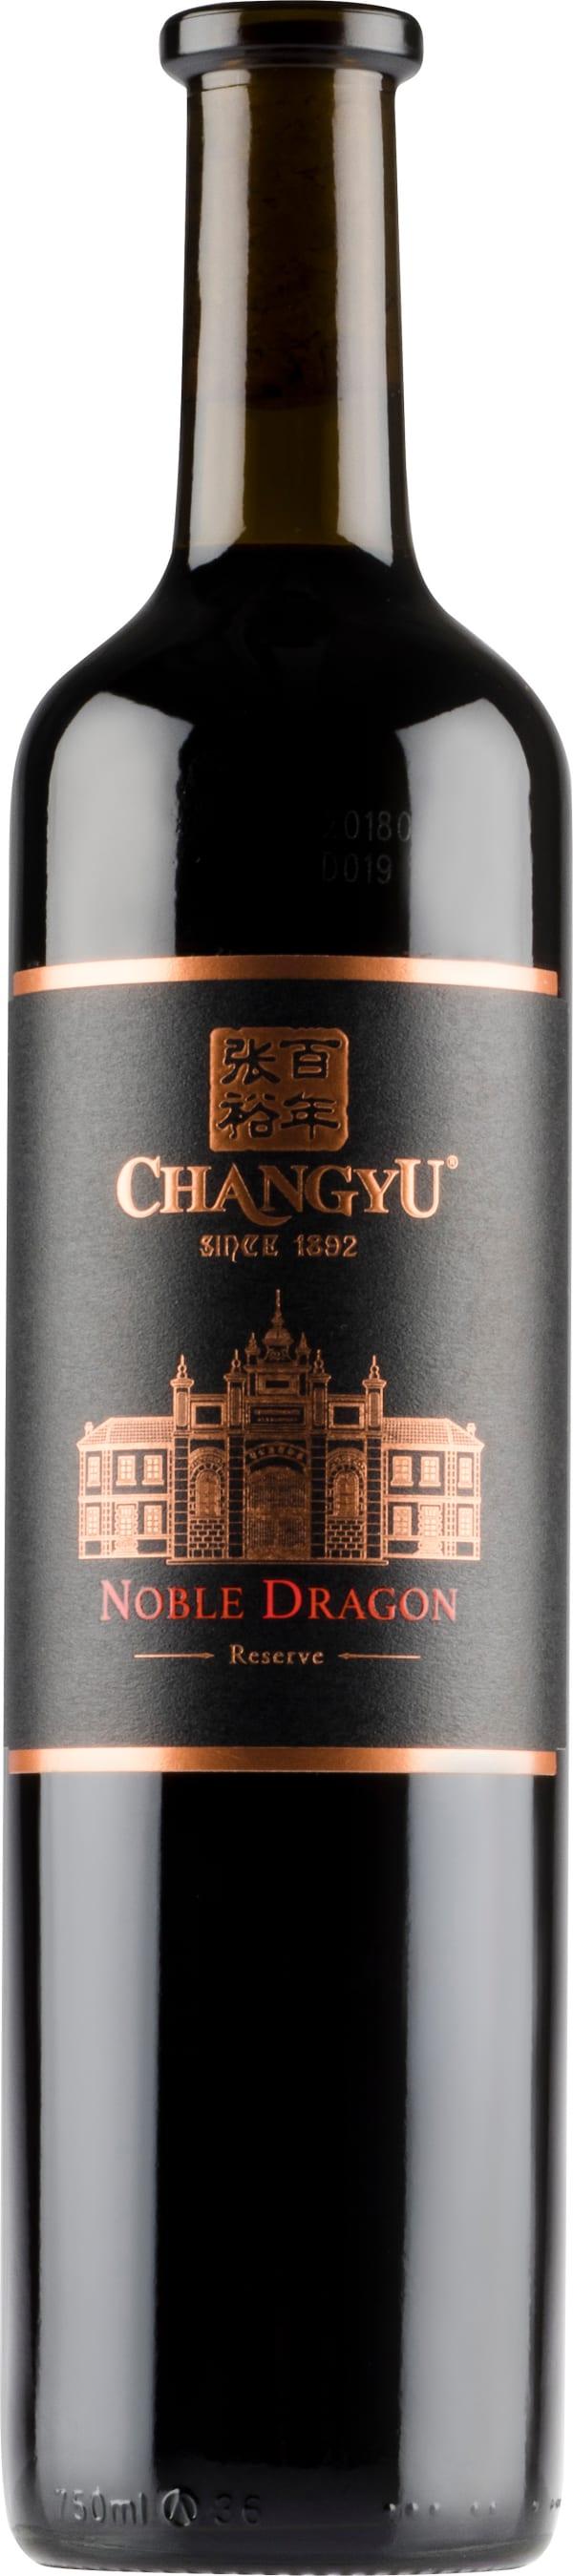 Changyu Noble Dragon 2015